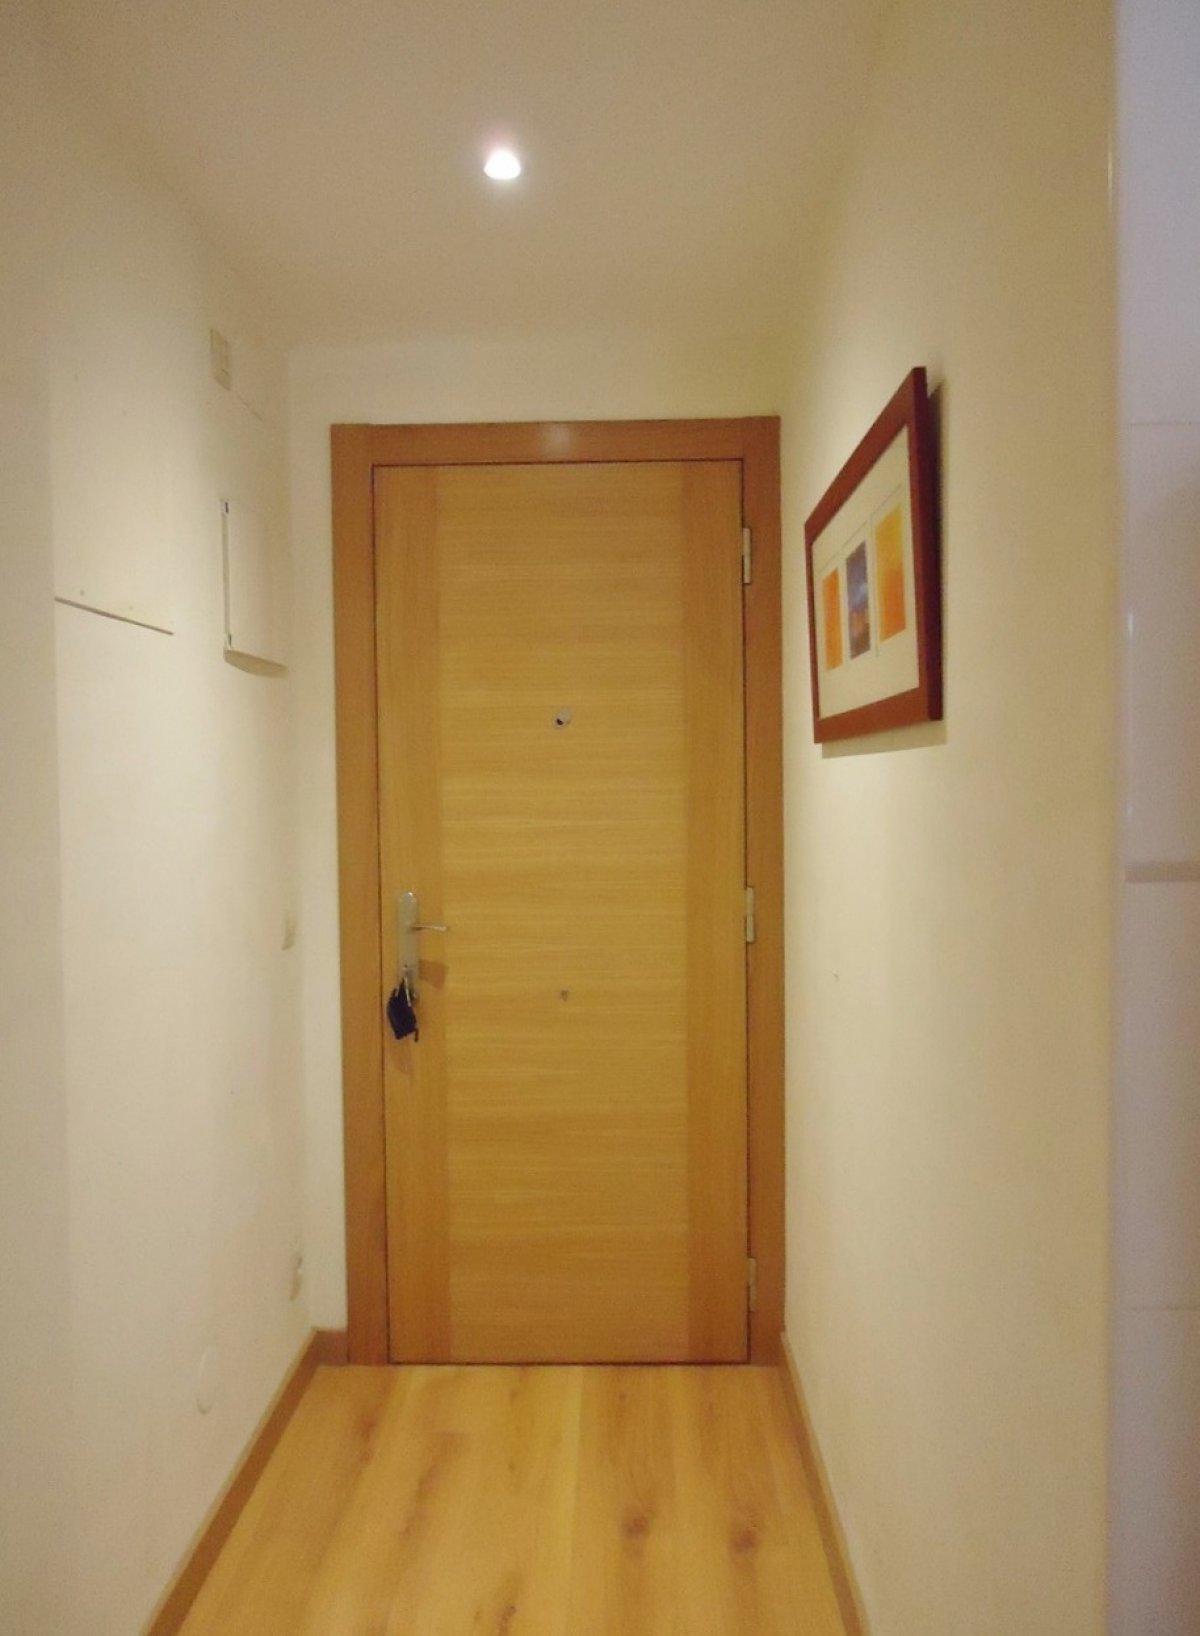 En el llano, precioso apartamento seminuevo - imagenInmueble12